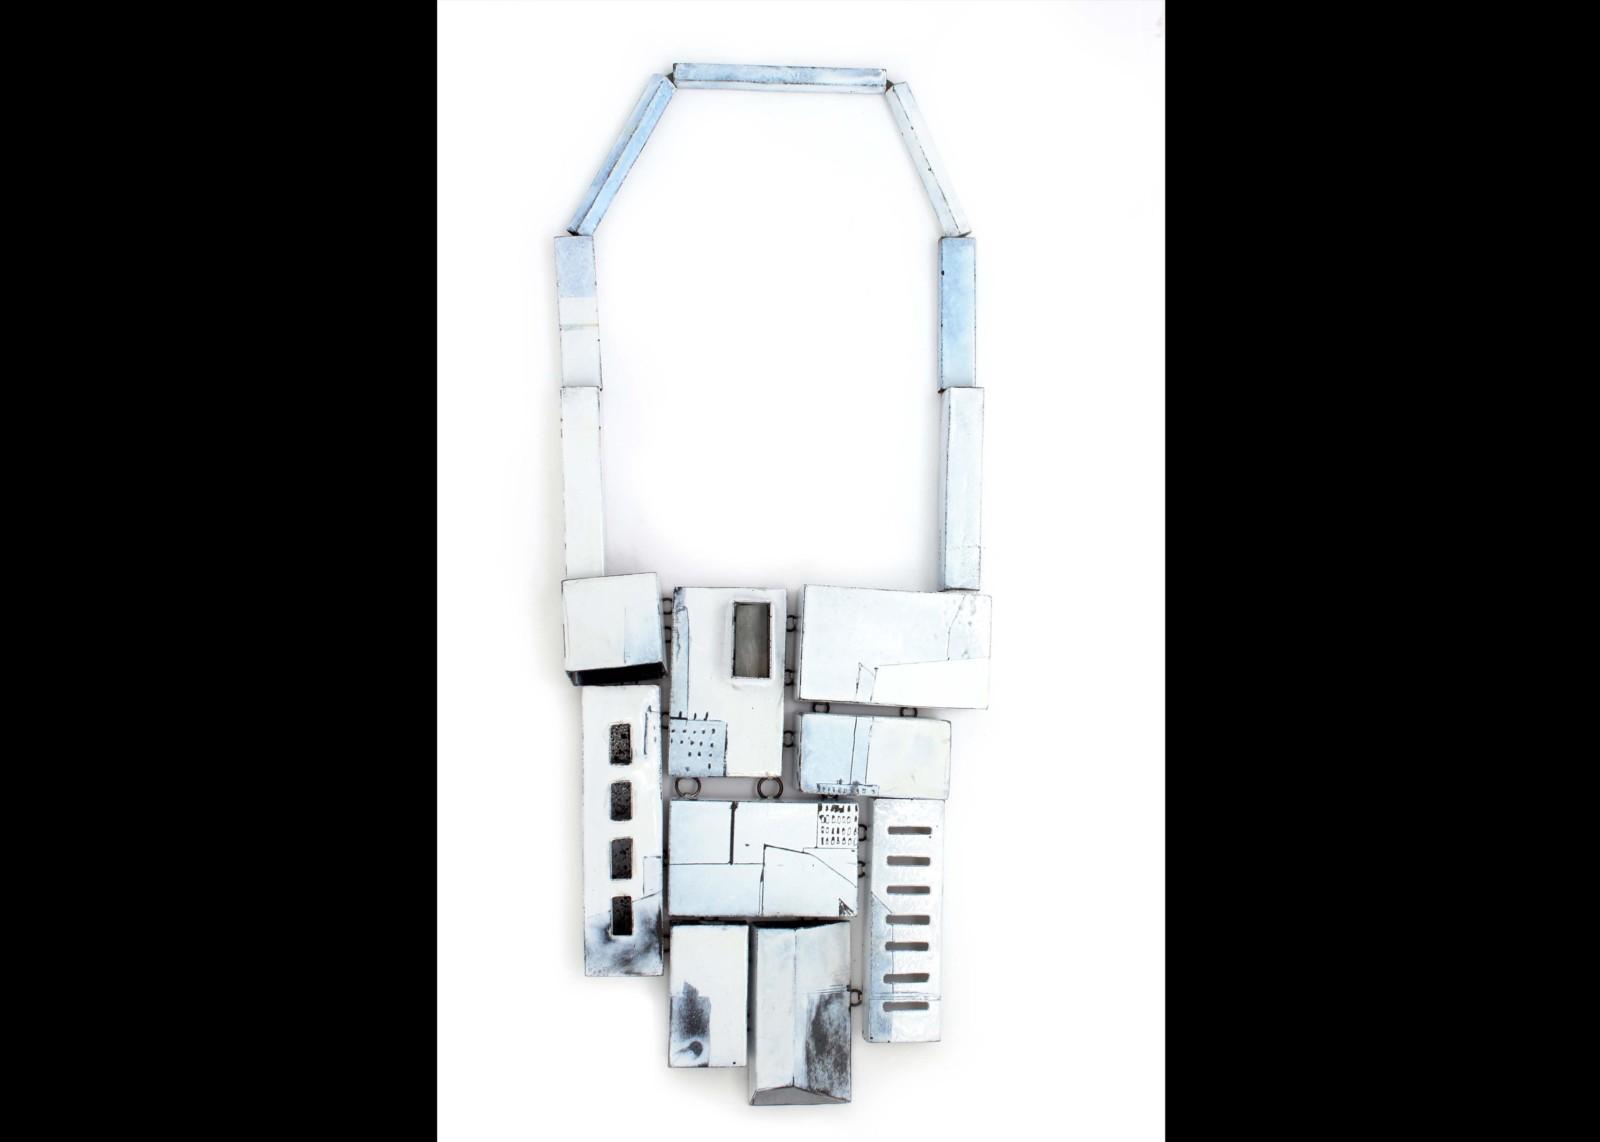 KAT COLE - Built #2